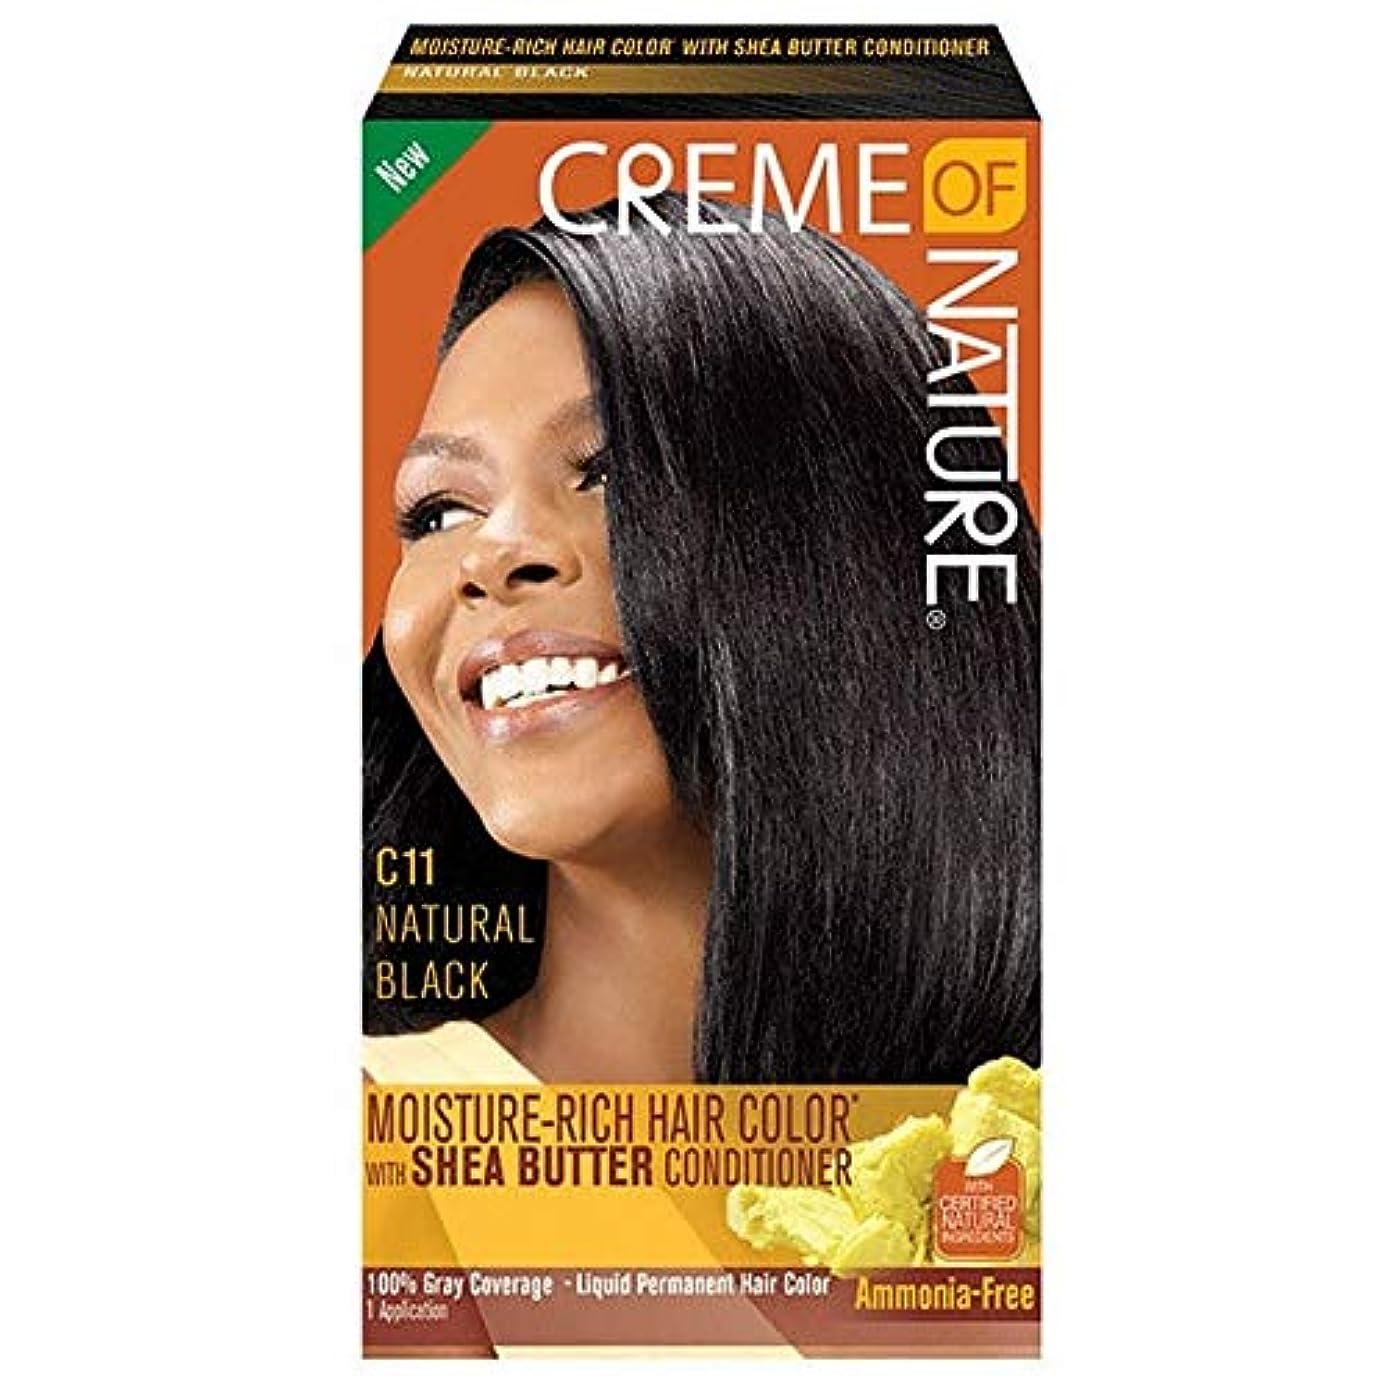 予防接種するバルクハブブ[Creme of Nature ] 自然液体ヘアカラー#10ジェットブラックのクリーム - Creme of Nature Liquid Hair Colour #10 Jet Black [並行輸入品]